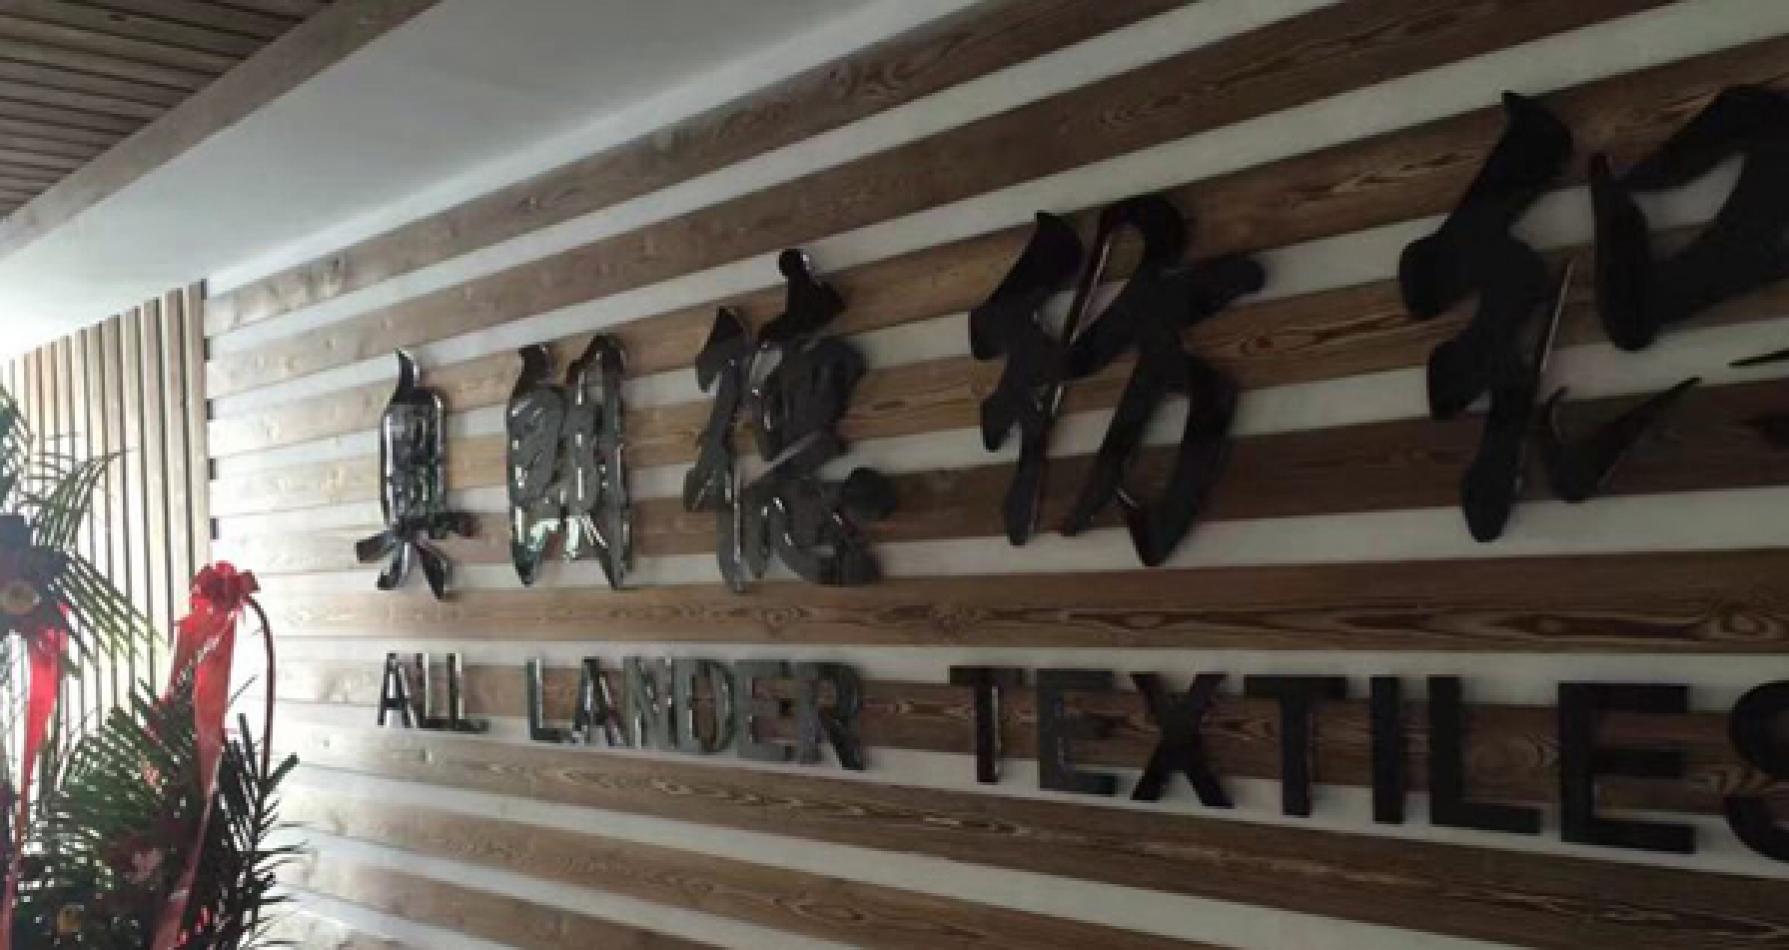 Changzhou All Lander Textiles Co.,Ltd/Changzhou Tianfang Textiles Co.,Ltd